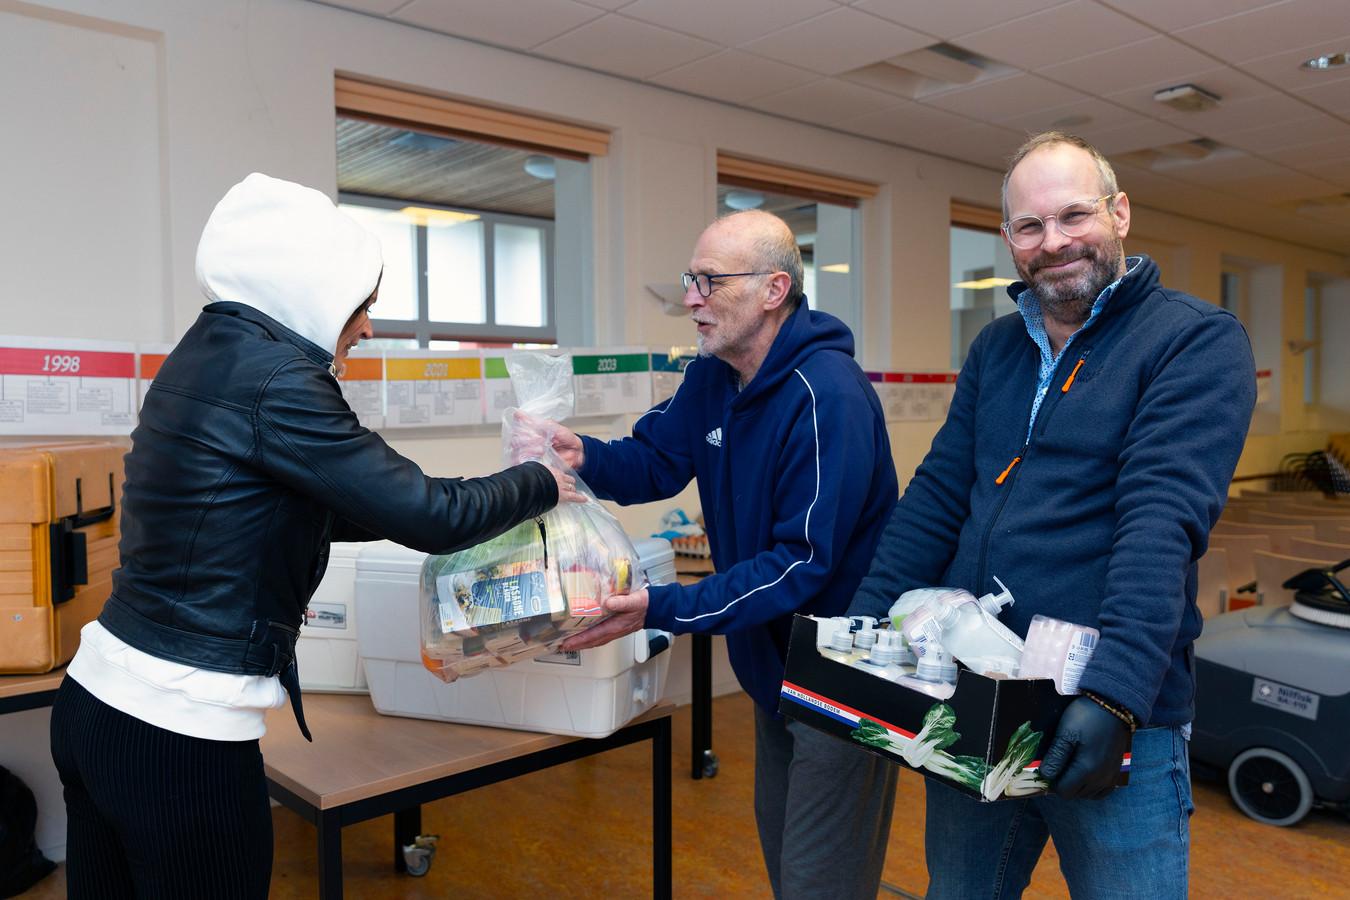 Bij de voedselbank in Moerwijk krijgen klanten supermarktbonnen en worden de laatste boodschappen uitgedeeld.